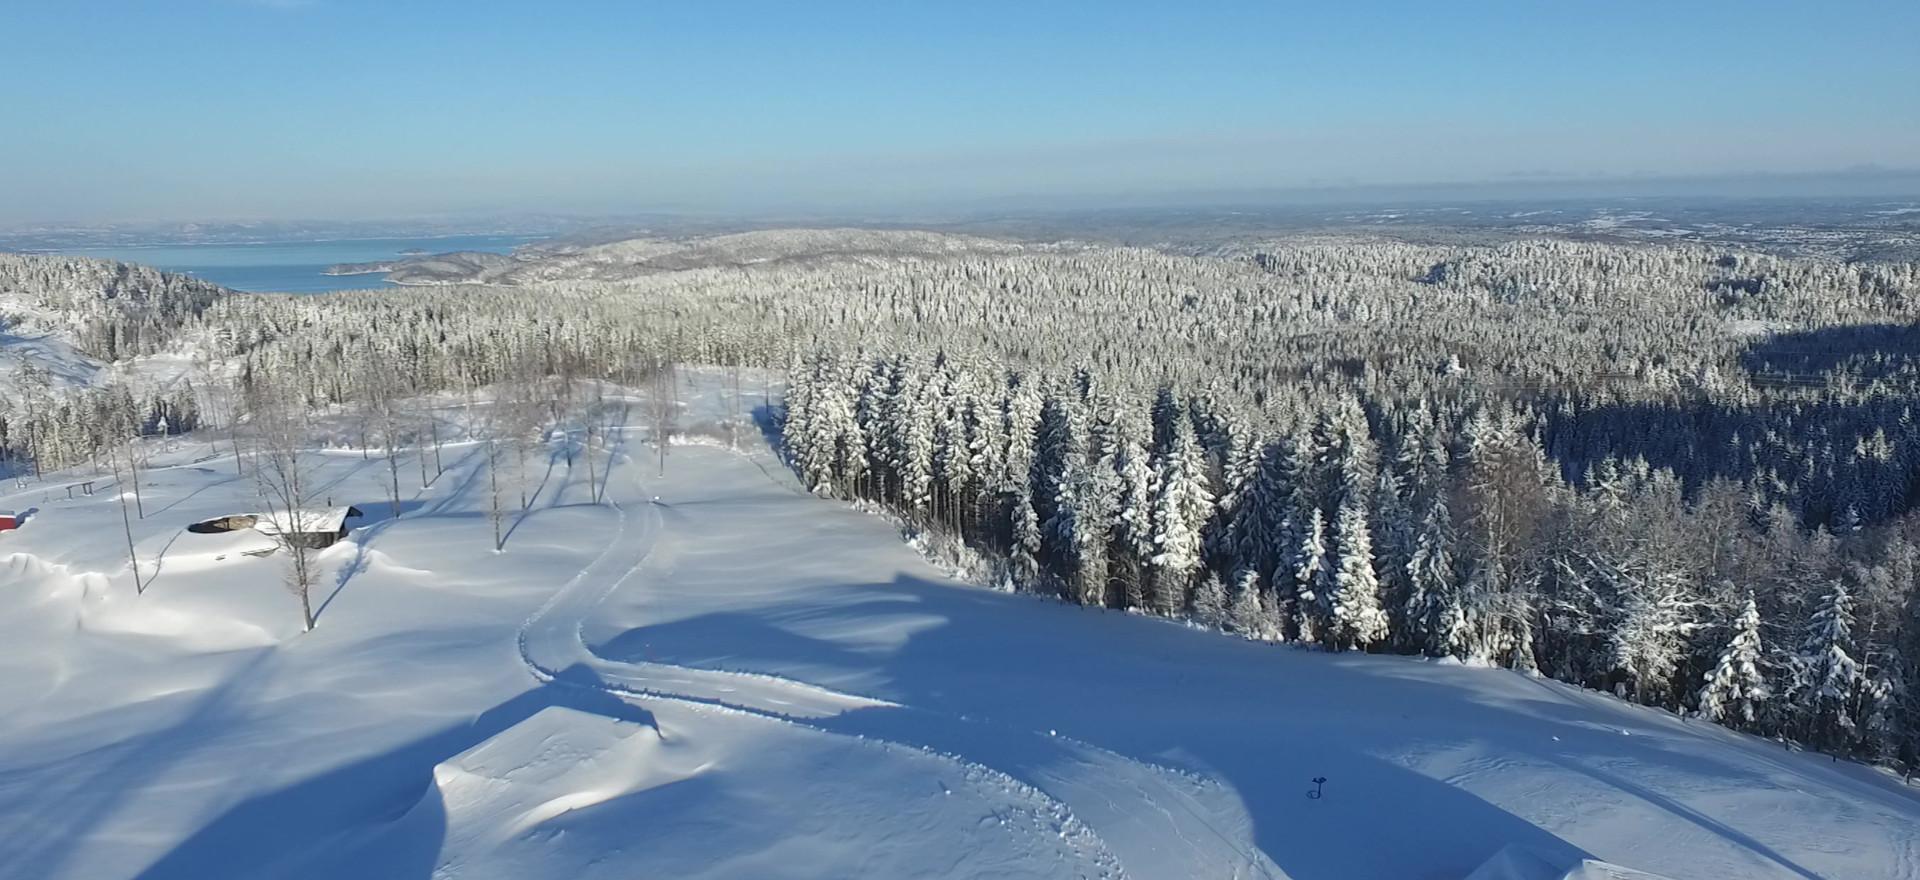 Vinter på Bjørnåsen, foto Bjørn Heidenstrøm